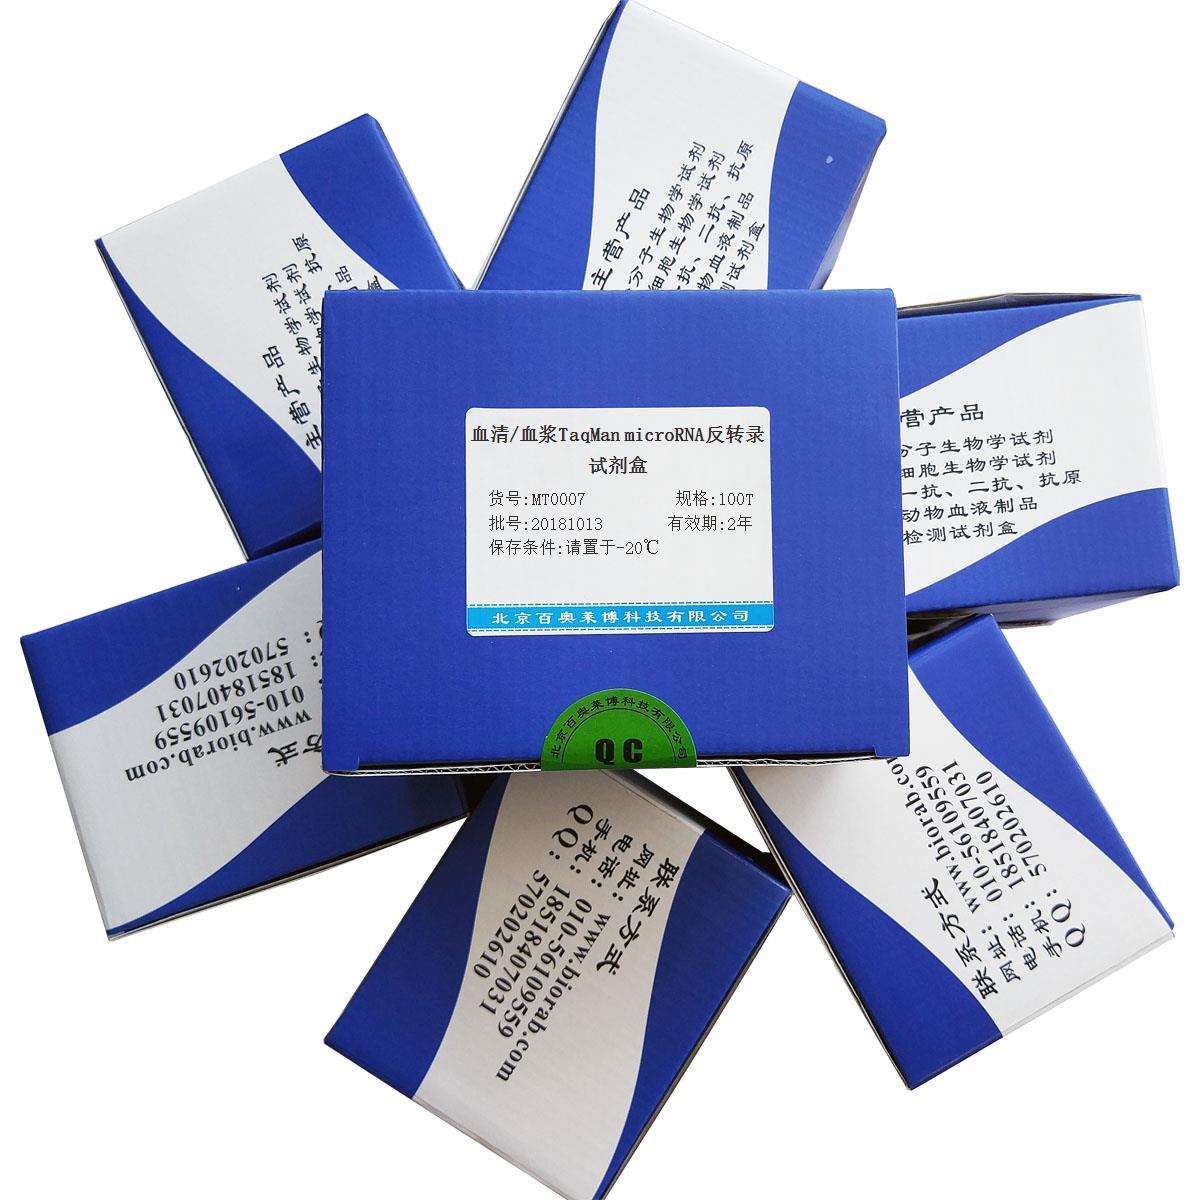 血清/血浆TaqMan microRNA反转录试剂盒